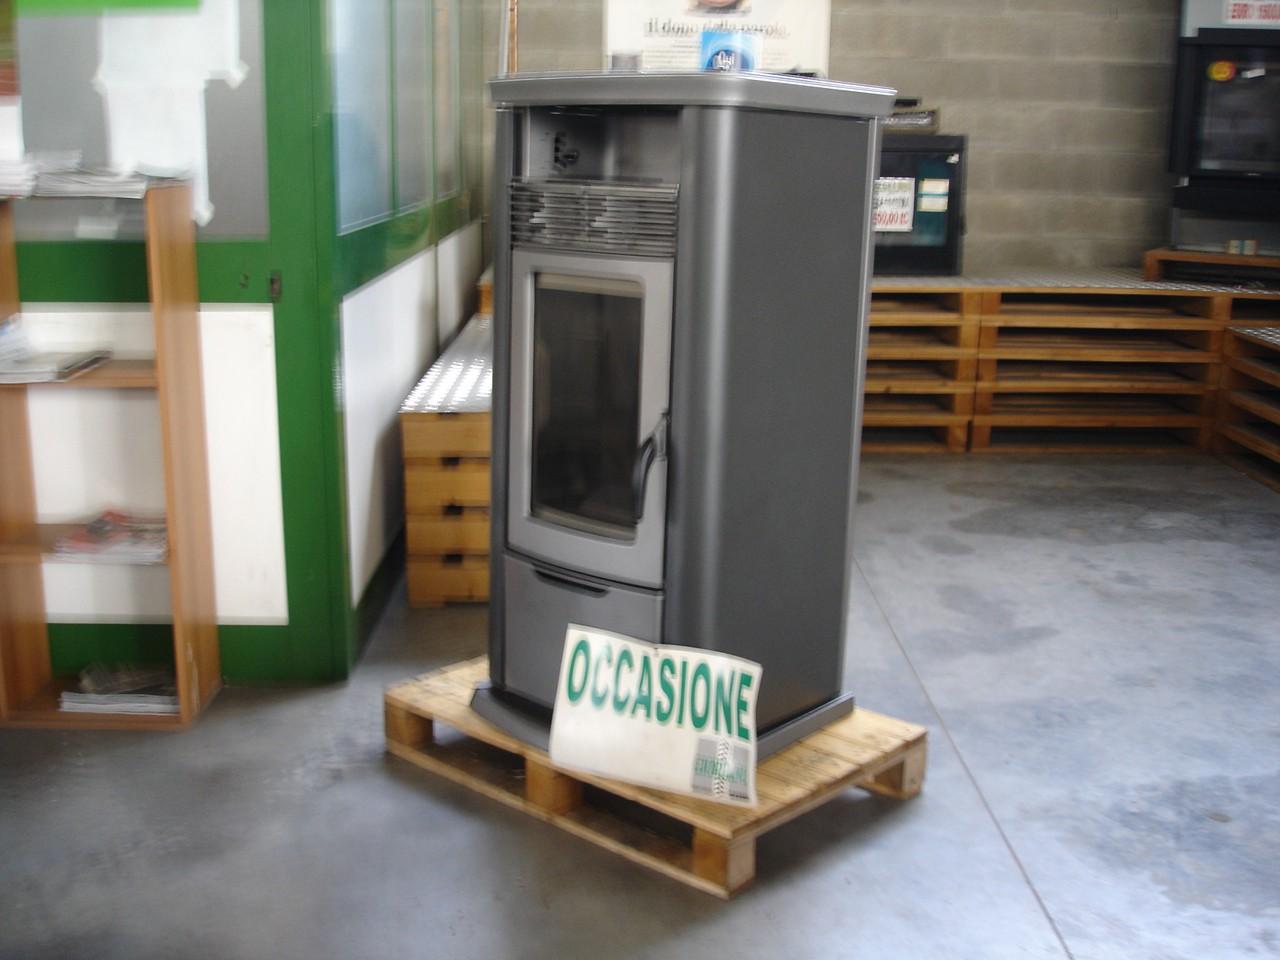 Stufa usata thermorossi modello 7000 easy a pellet - Stufa a pellet usate ...